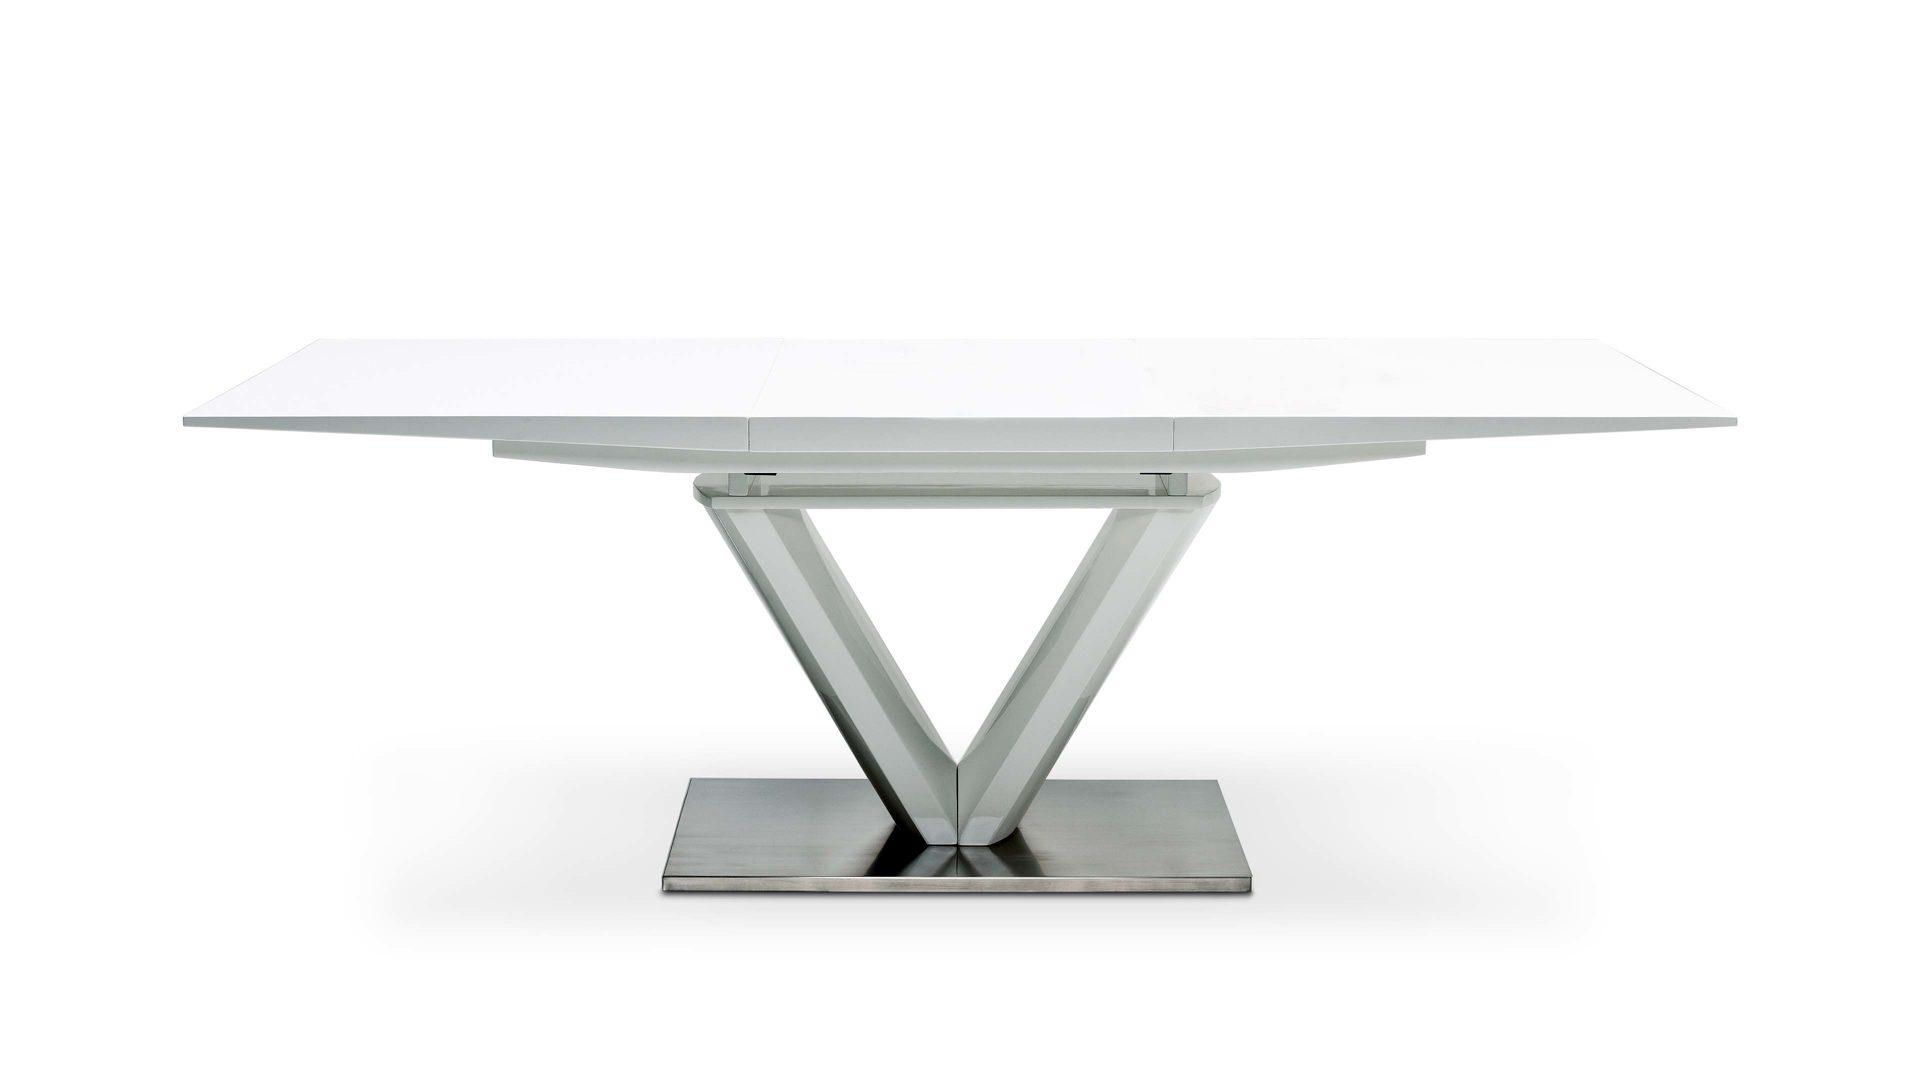 Esstisch modern ausziehbar  Möbel Bohn Crailsheim | ausziehbarer Esstisch für schönes Wohnen ...